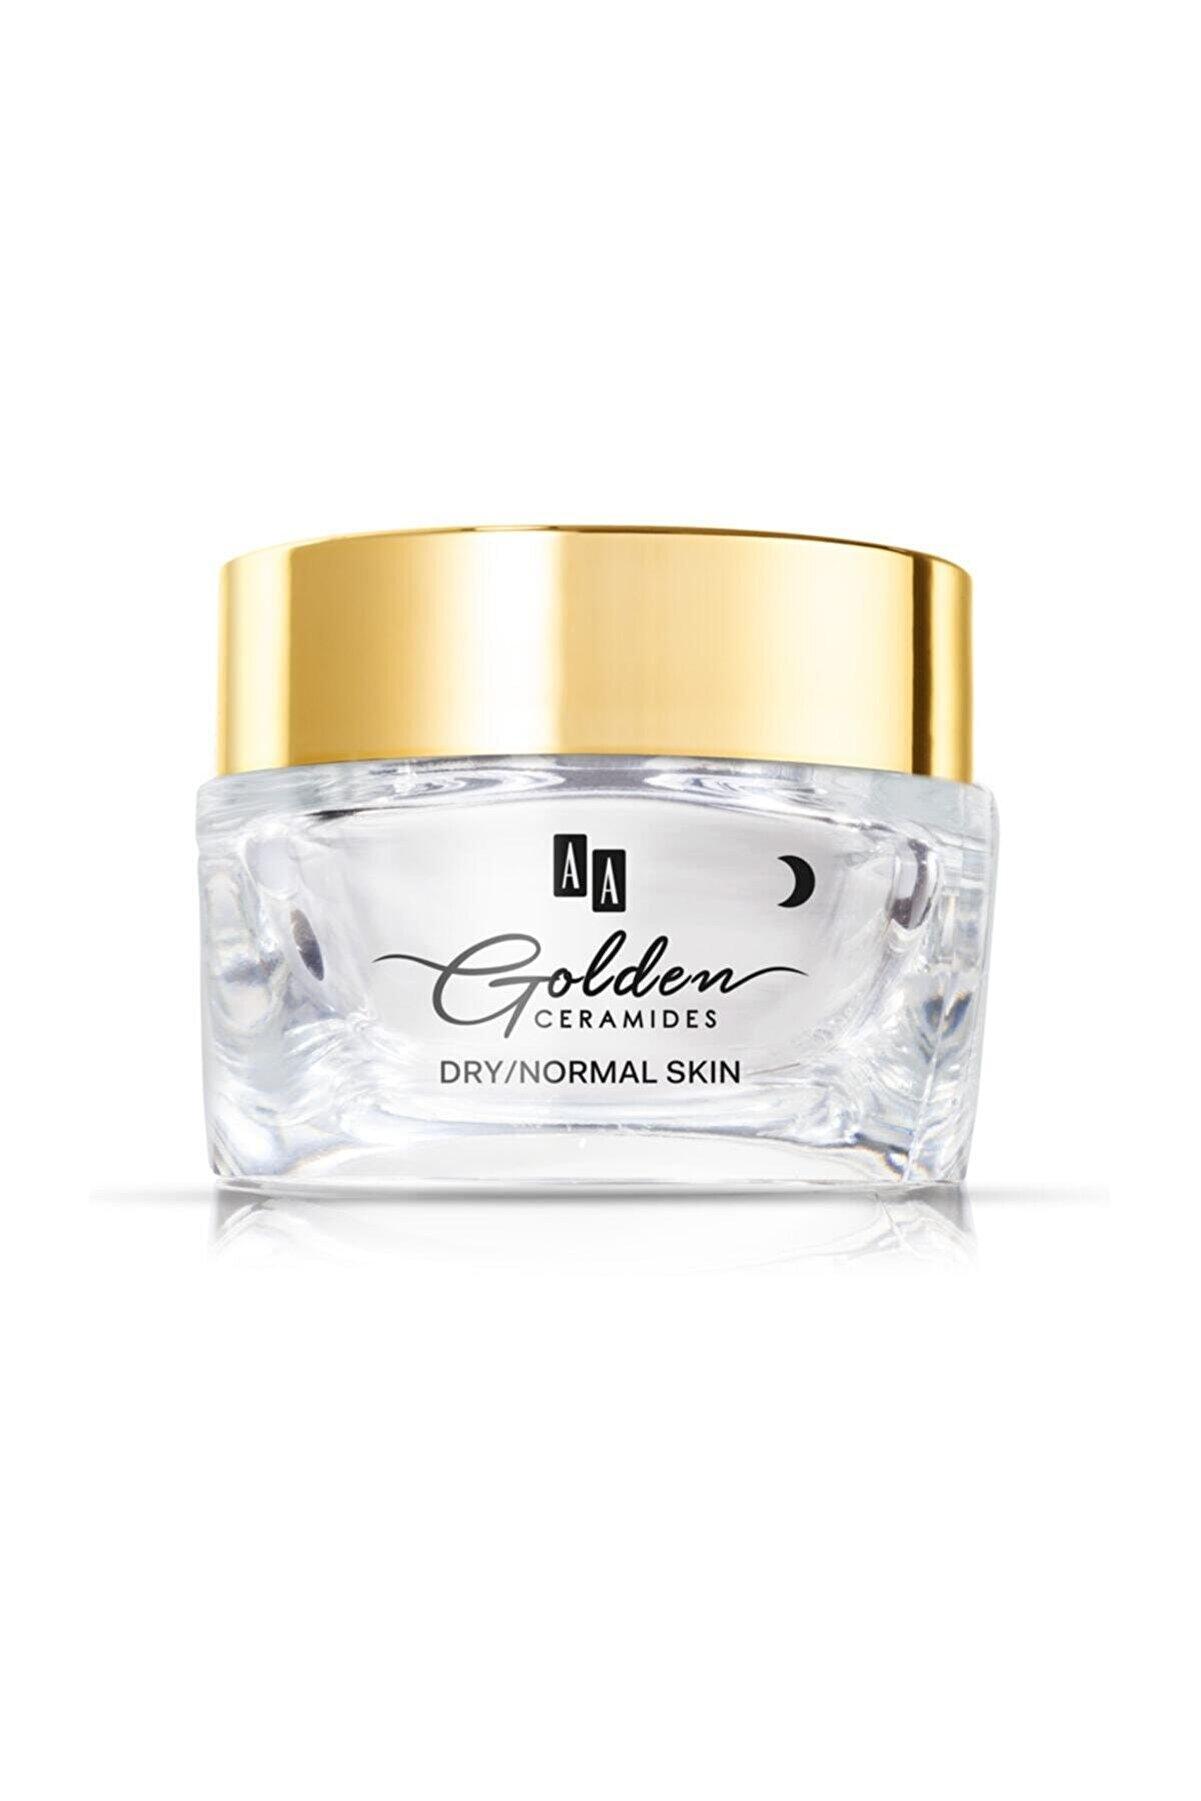 AA Cosmetics Aa Golden Ceramides Yenileyici Krem Gece Kuru/normal Cilt 50ml